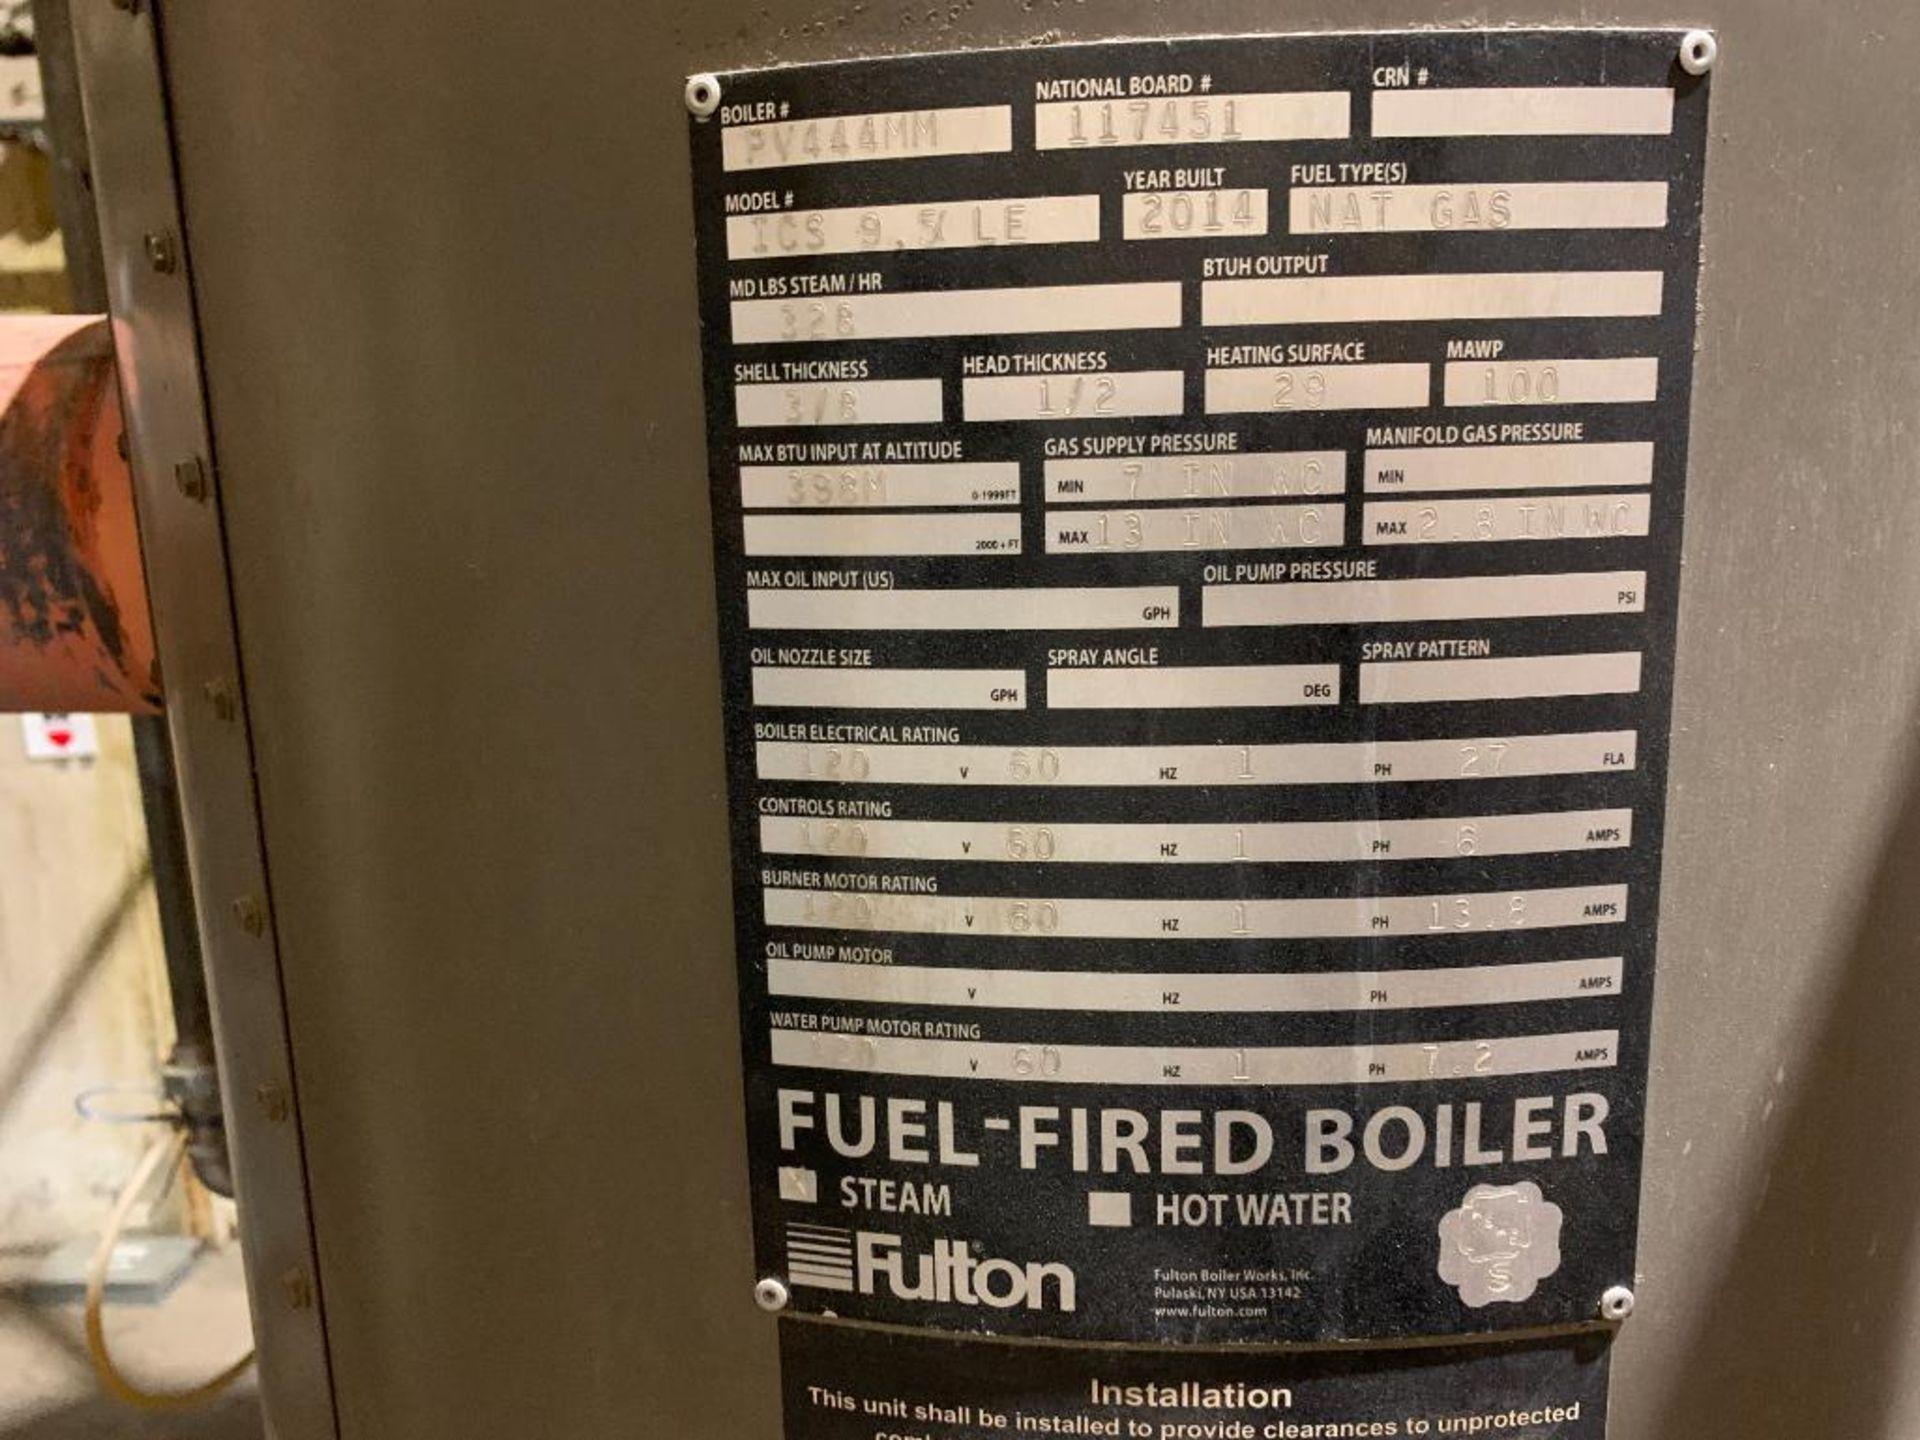 2014 Fulton steam boiler - Image 3 of 23